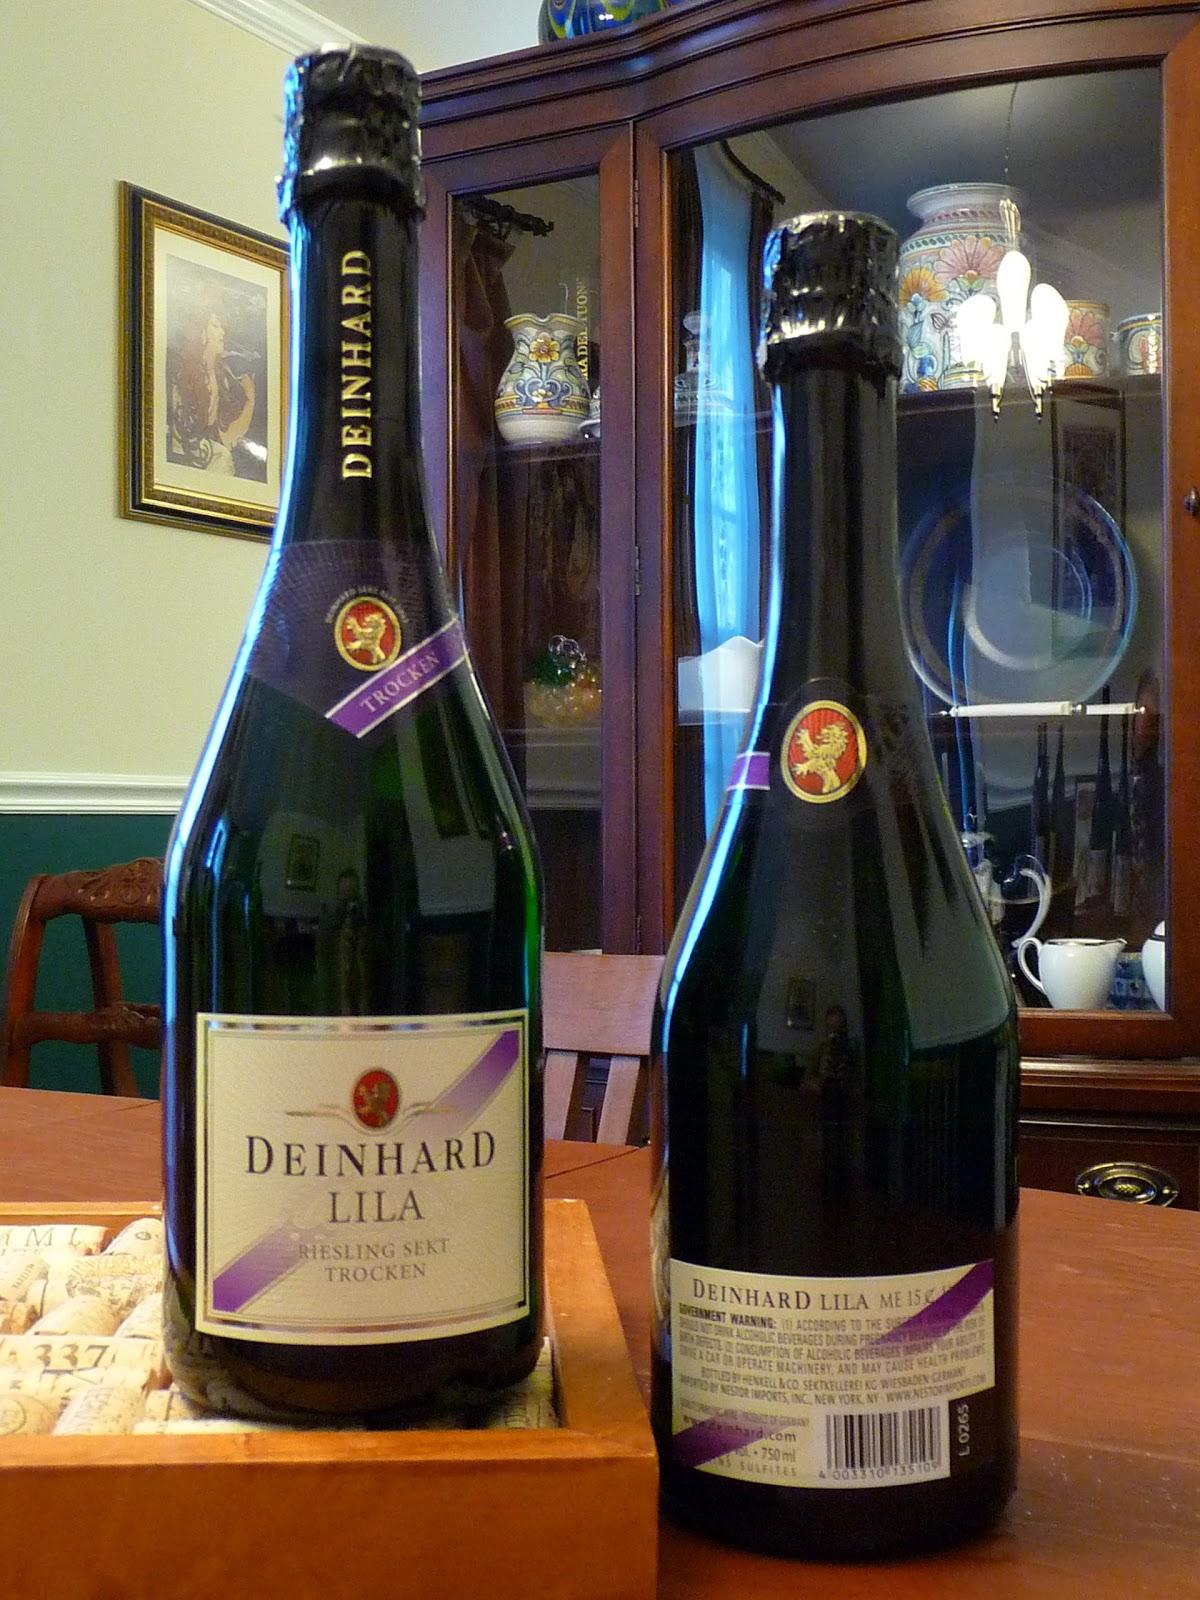 Chef bolek an autumnal wine pairing for Deinhard wine